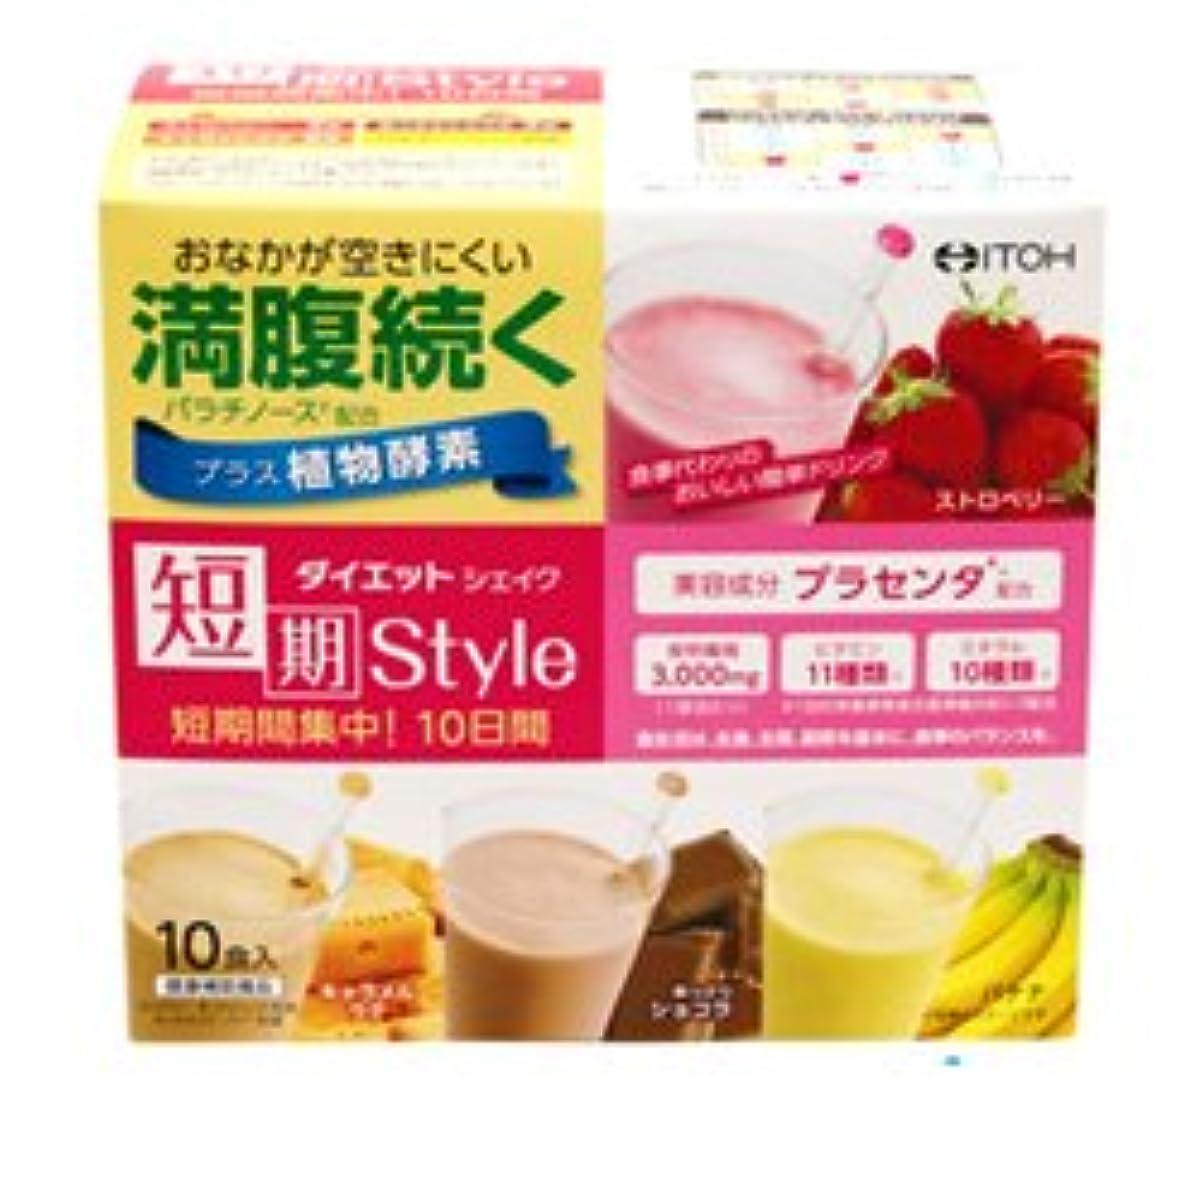 麻痺特徴何よりも【井藤漢方製薬】短期スタイル ダイエットシェイク 10包 ×10個セット